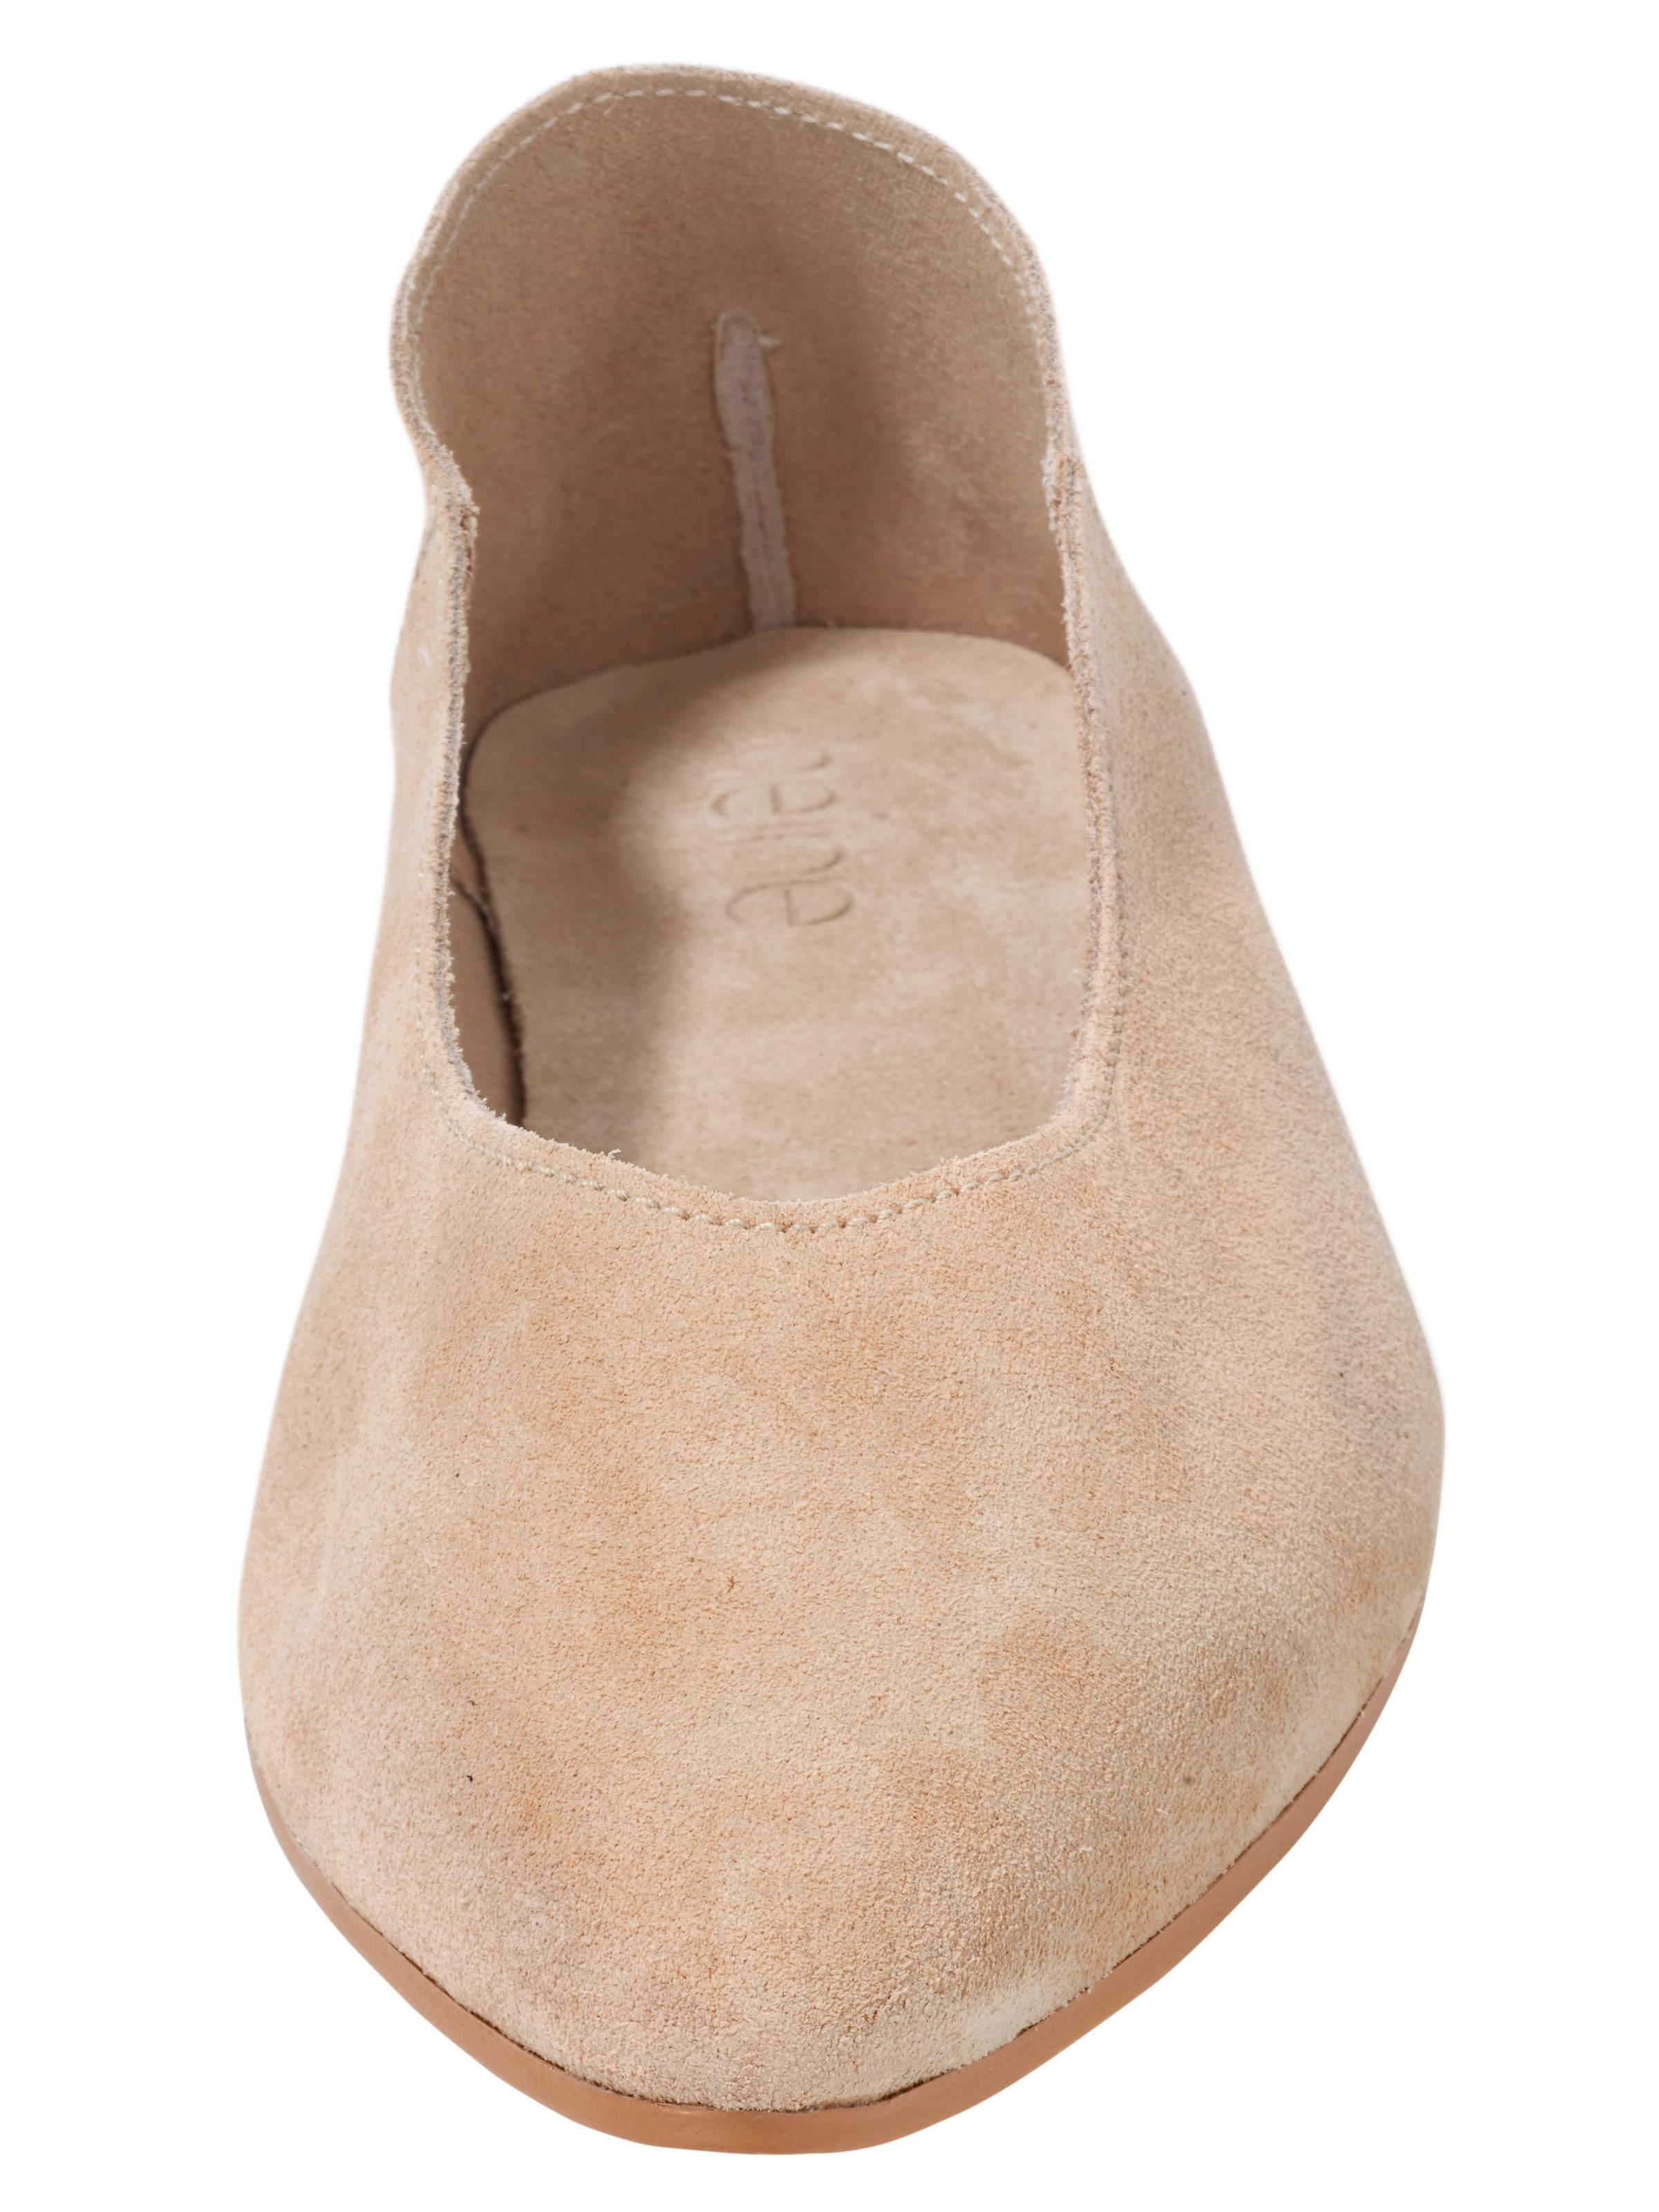 Rabatt Schnelle Lieferung Marktfähig Günstiger Preis heine Ballerina Freies Verschiffen Browse nX70Mr4RU